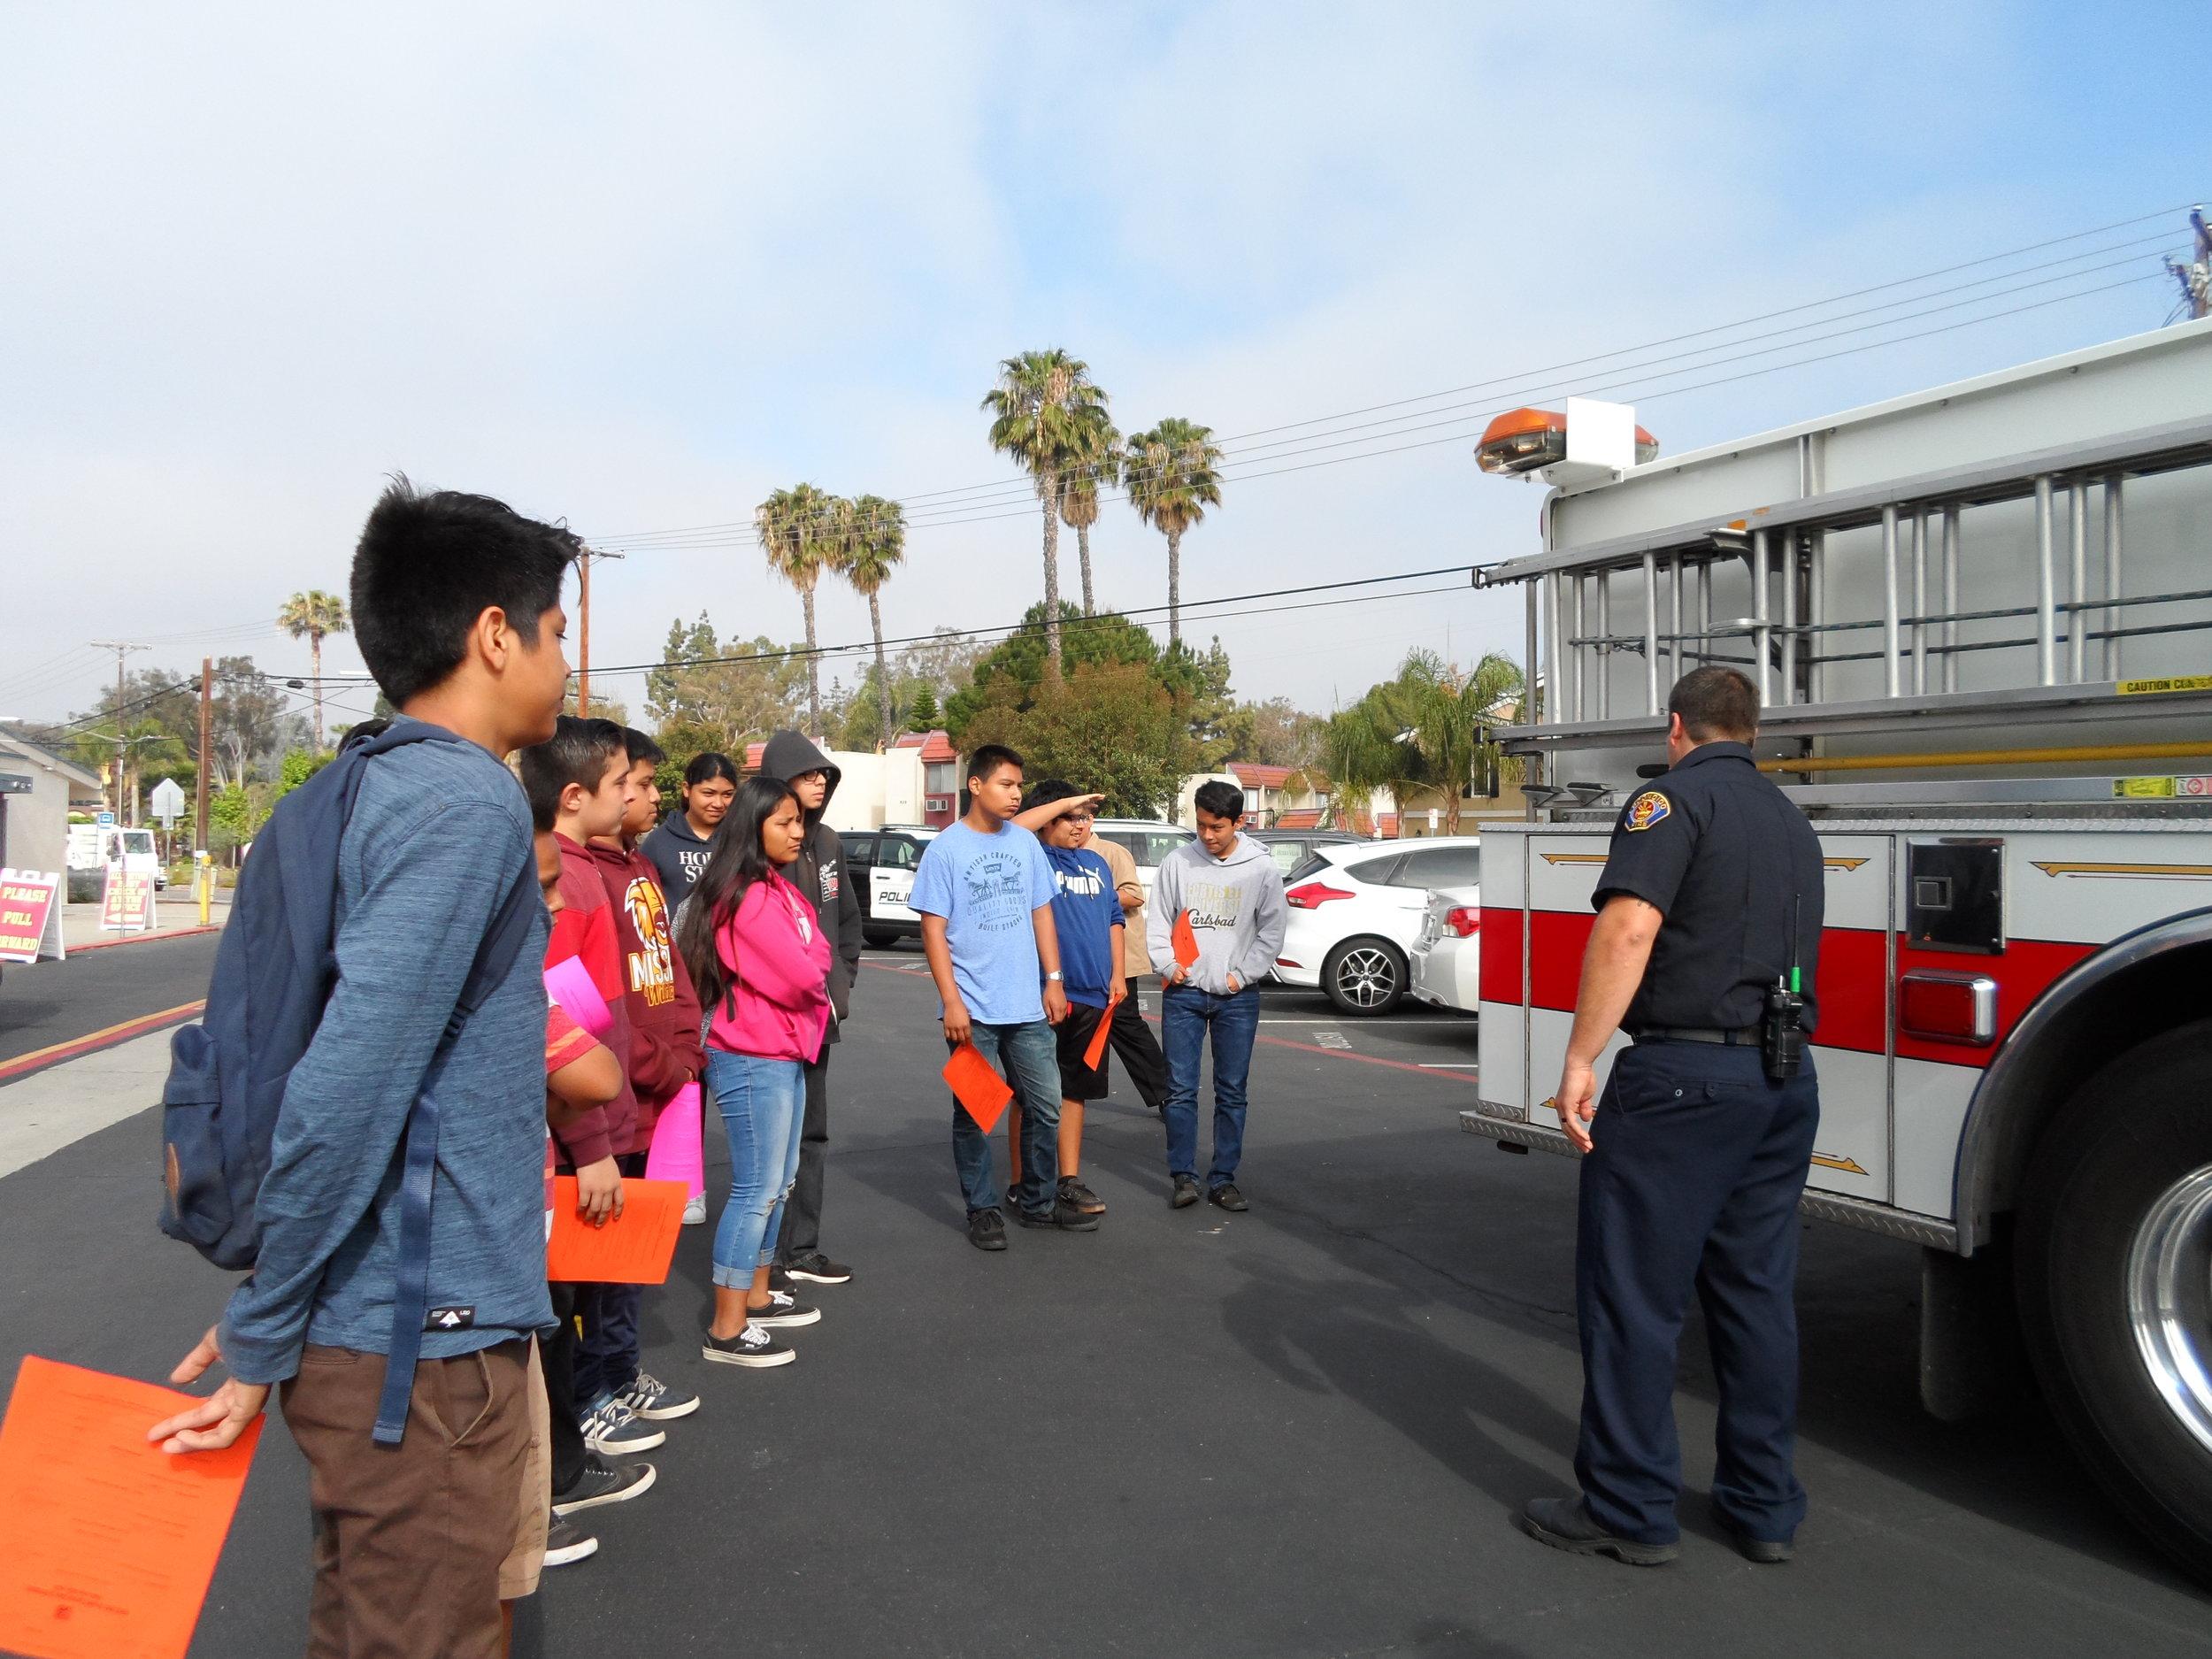 Escondido Fire Department.JPG